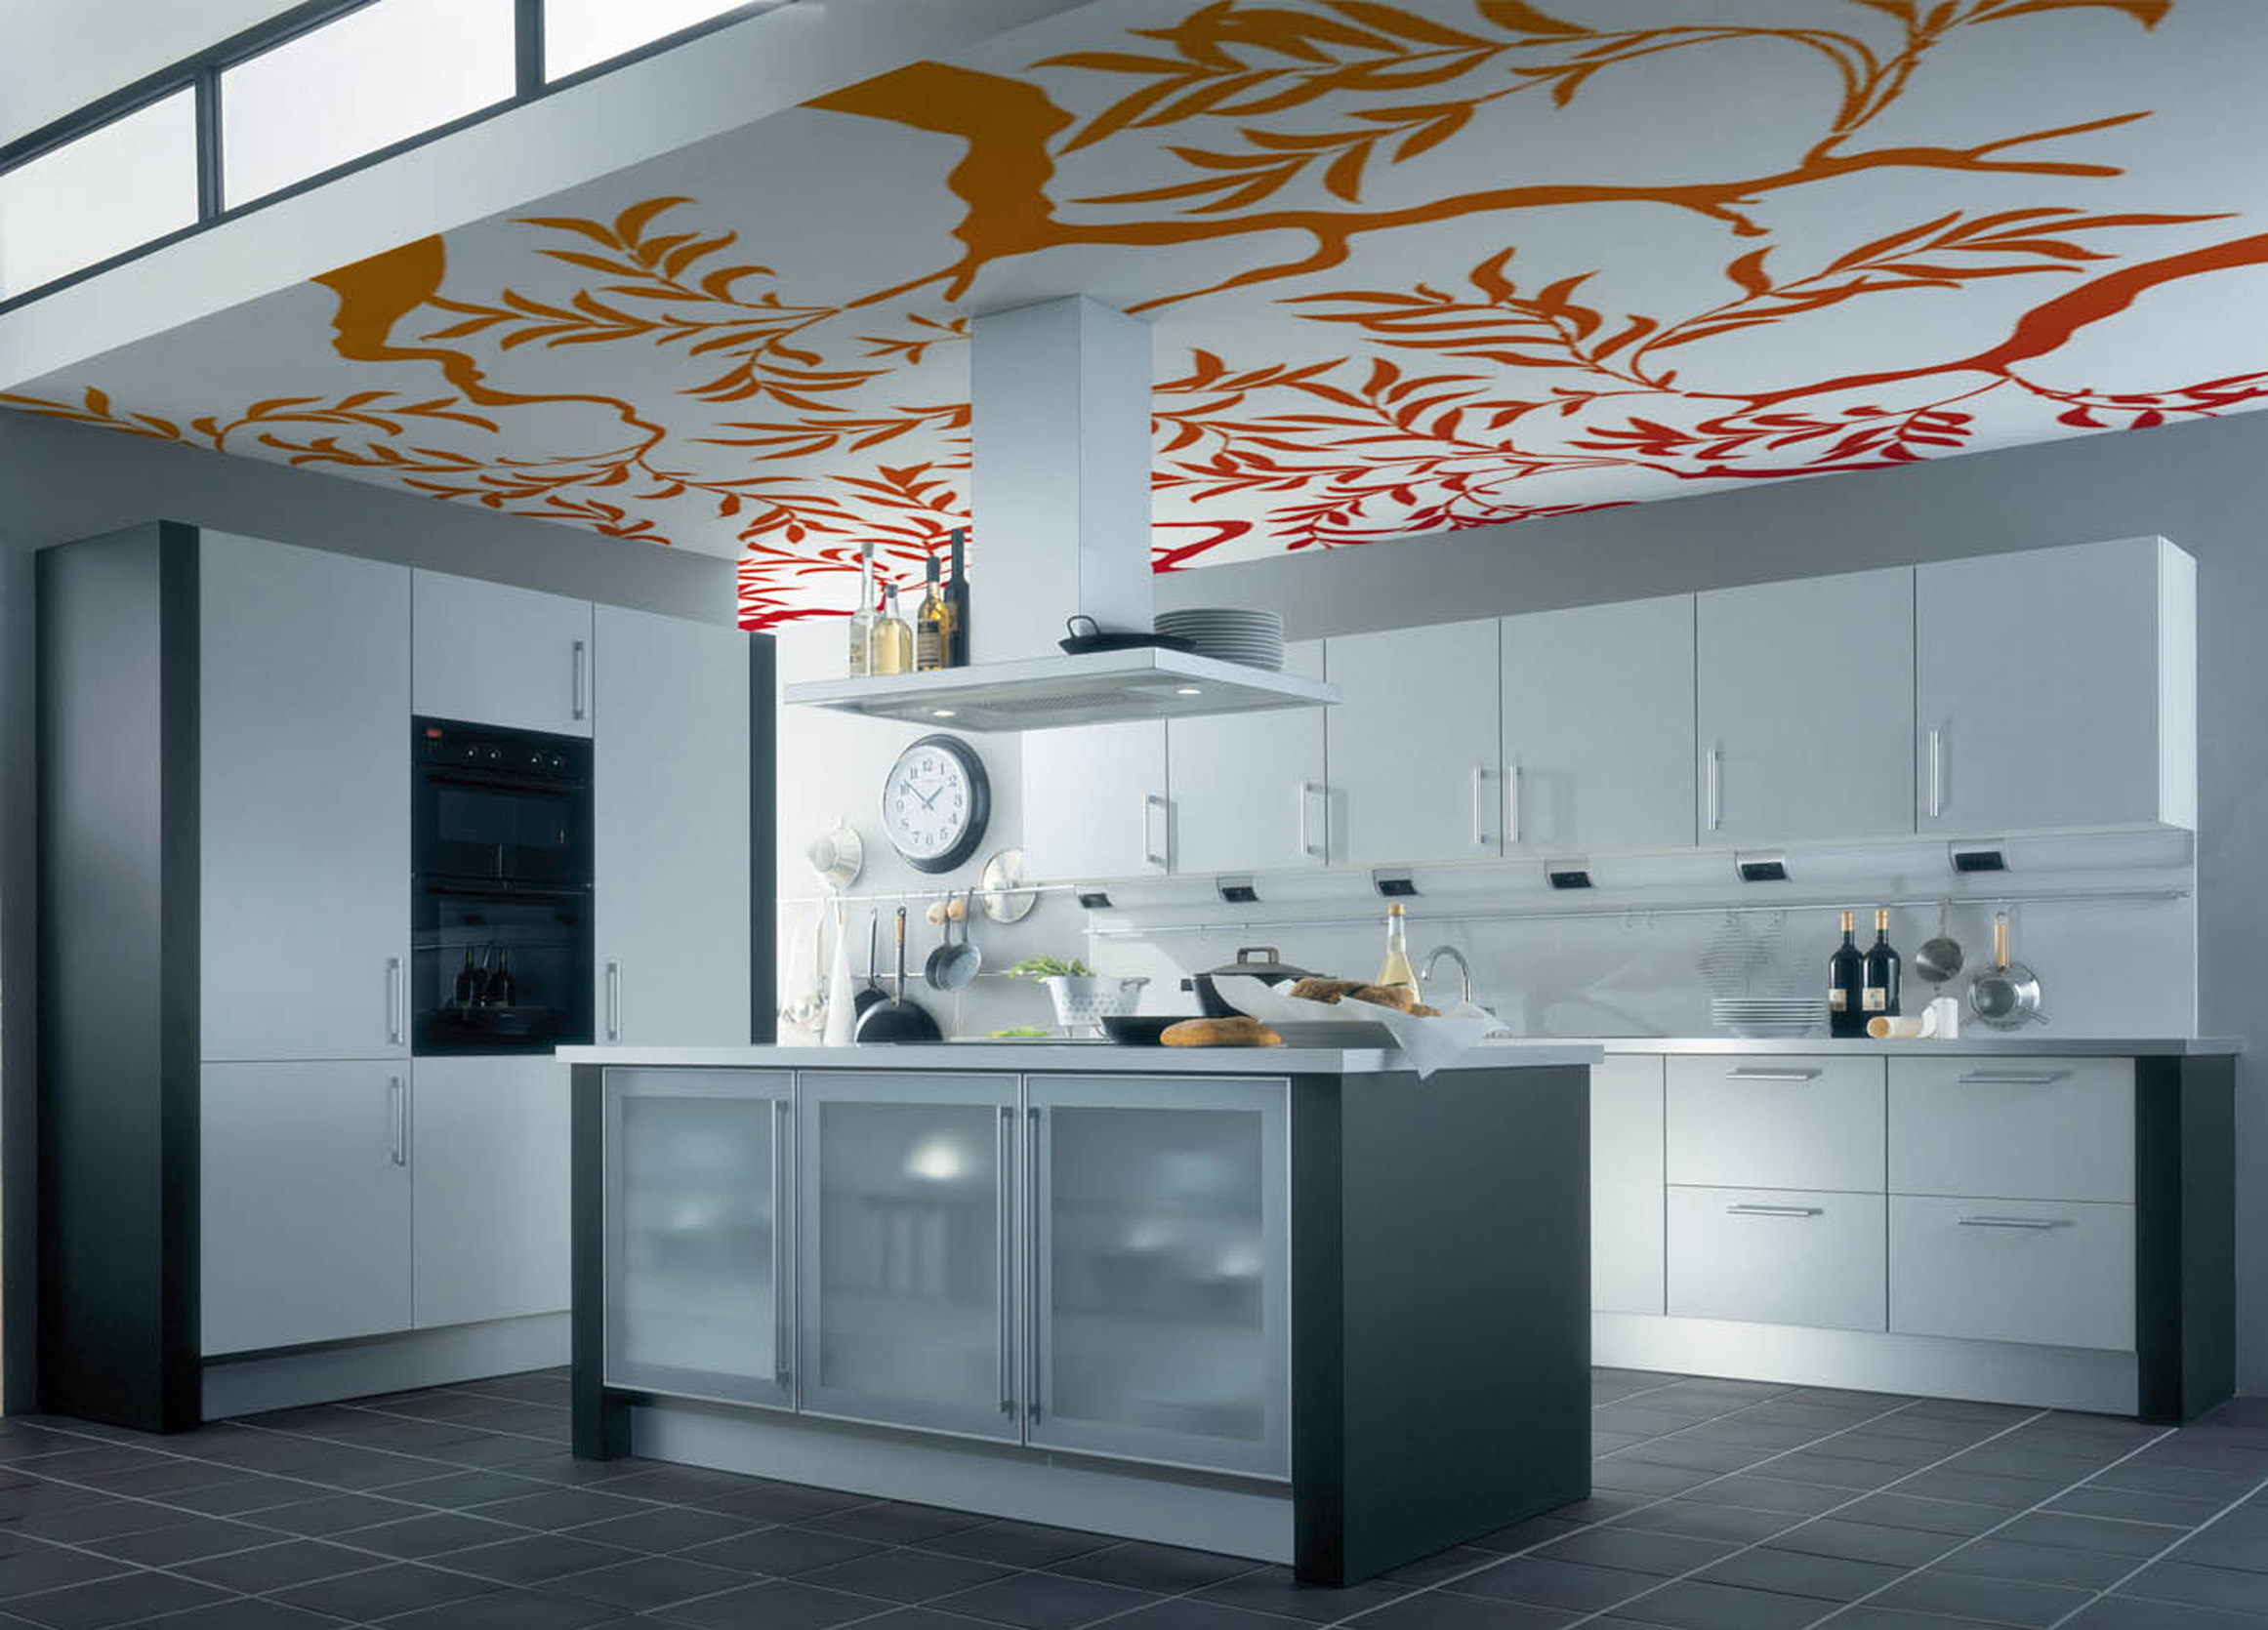 Тканевый натяжной потолок с арт-печатью в интерьере современной кухни